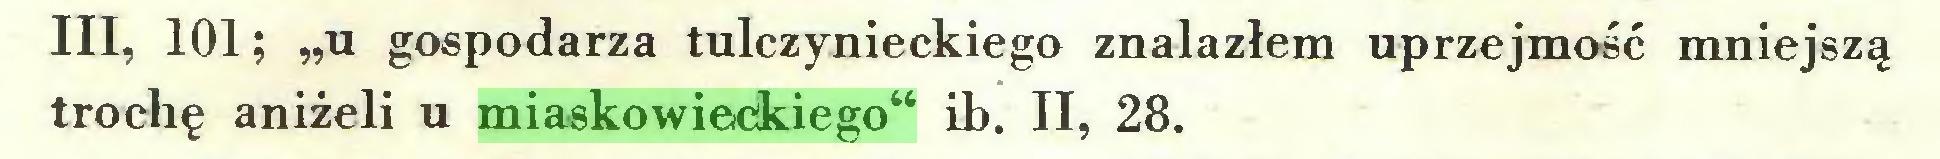 """(...) III, 101; """"u gospodarza tulczynieckiego znalazłem uprzejmość mniejszą trochę aniżeli u miaskowieckiego"""" ib. II, 28..."""